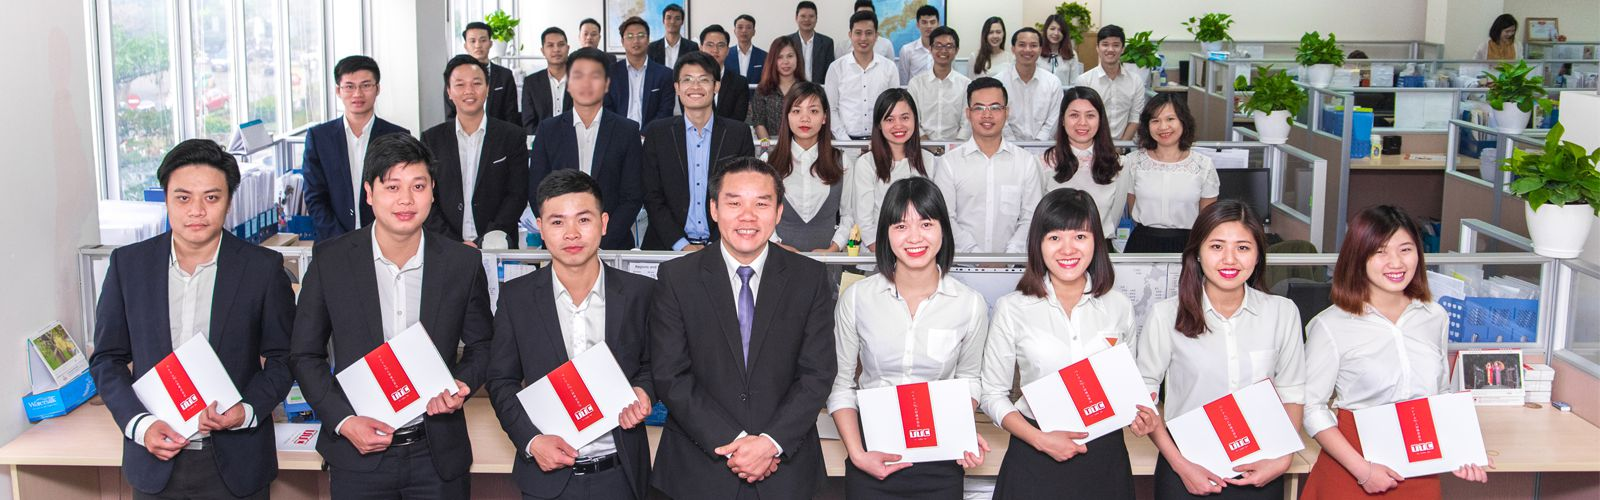 Tổng quan về công ty cổ phần nhân lực TTC Việt Nam